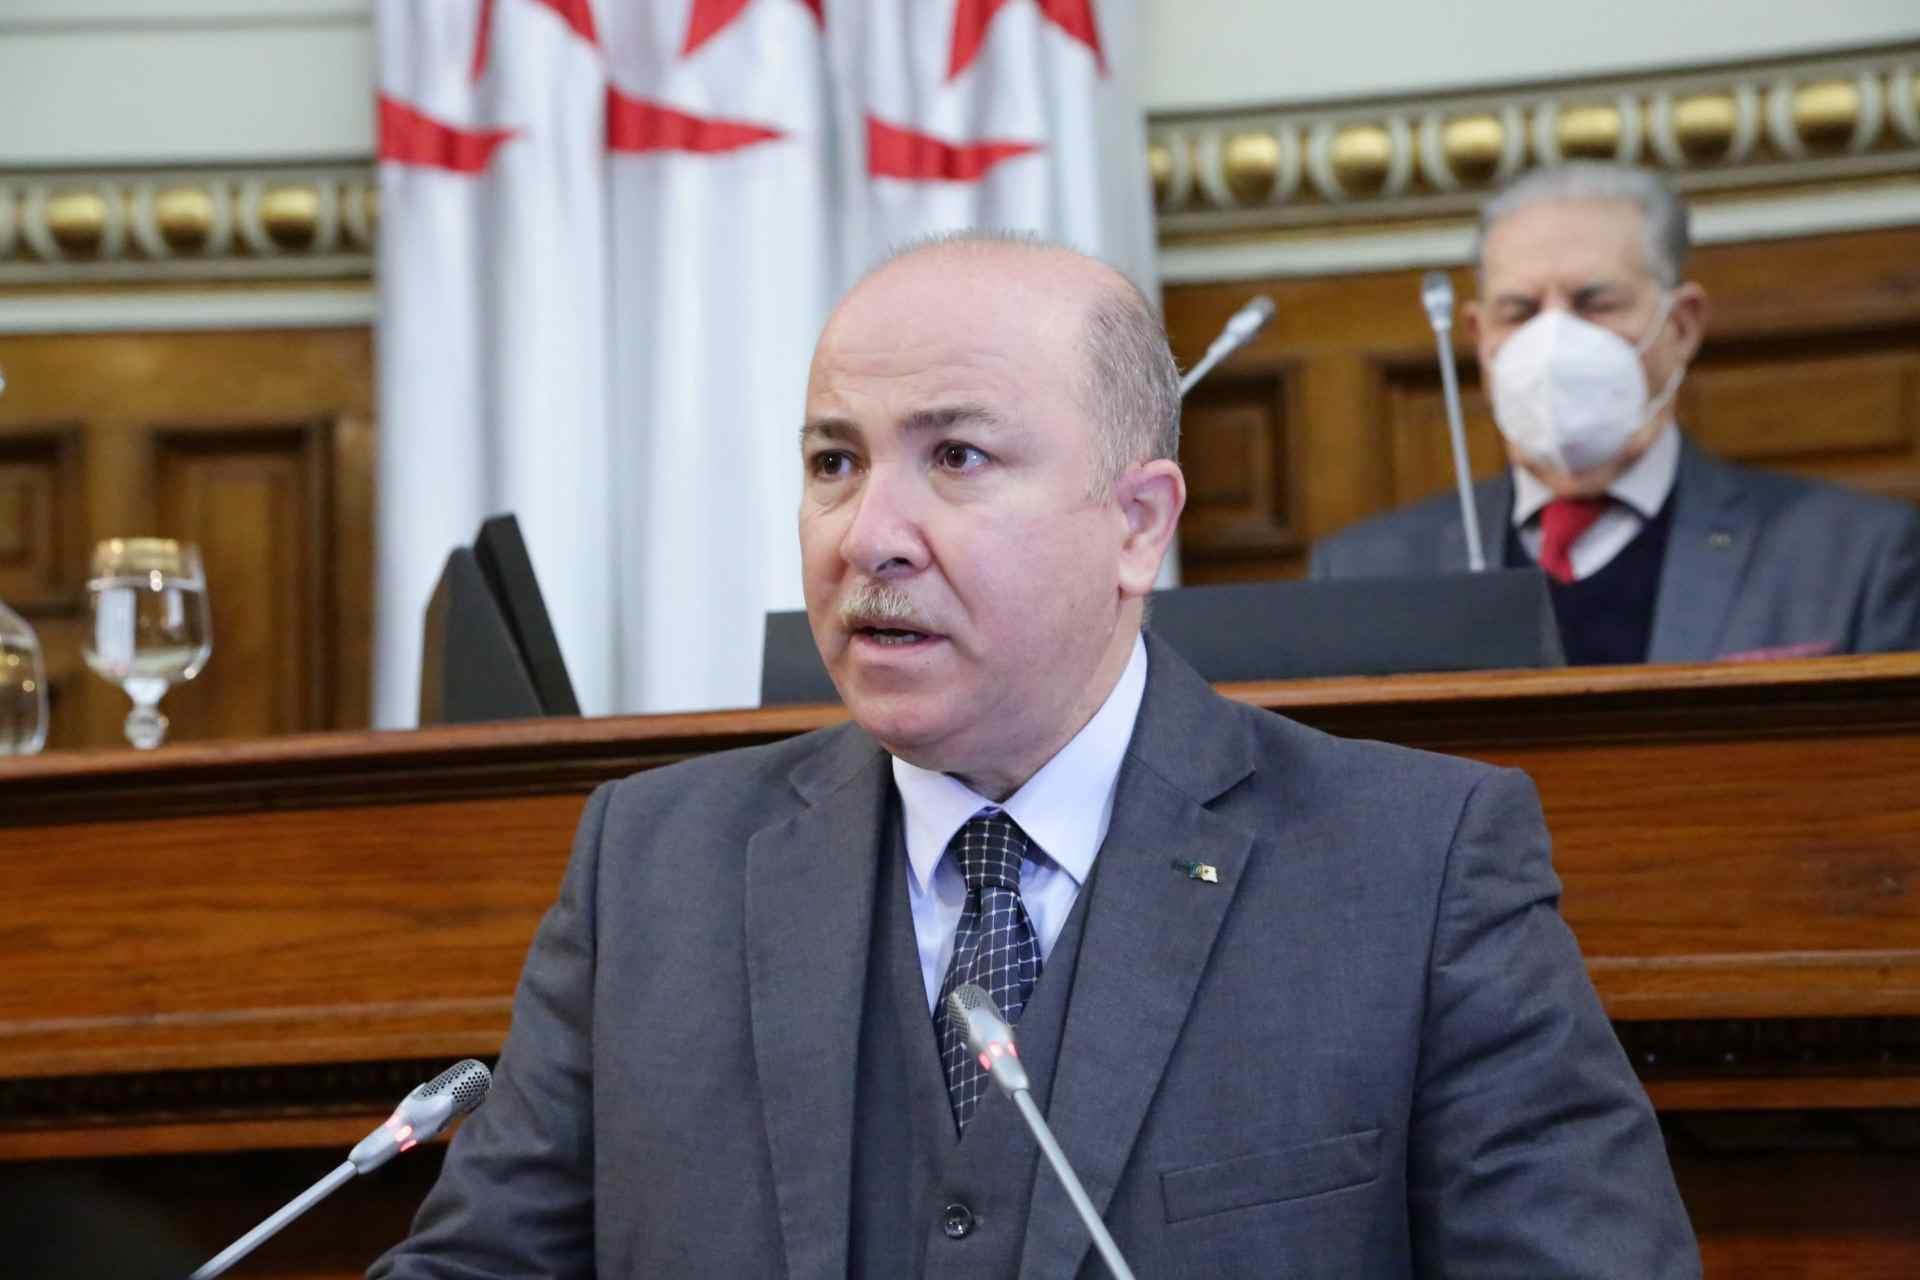 Avant-projet de loi de finances complémentaire 2021 : Vers la hausse des dépenses budgétaires de l'Etat - Algérie